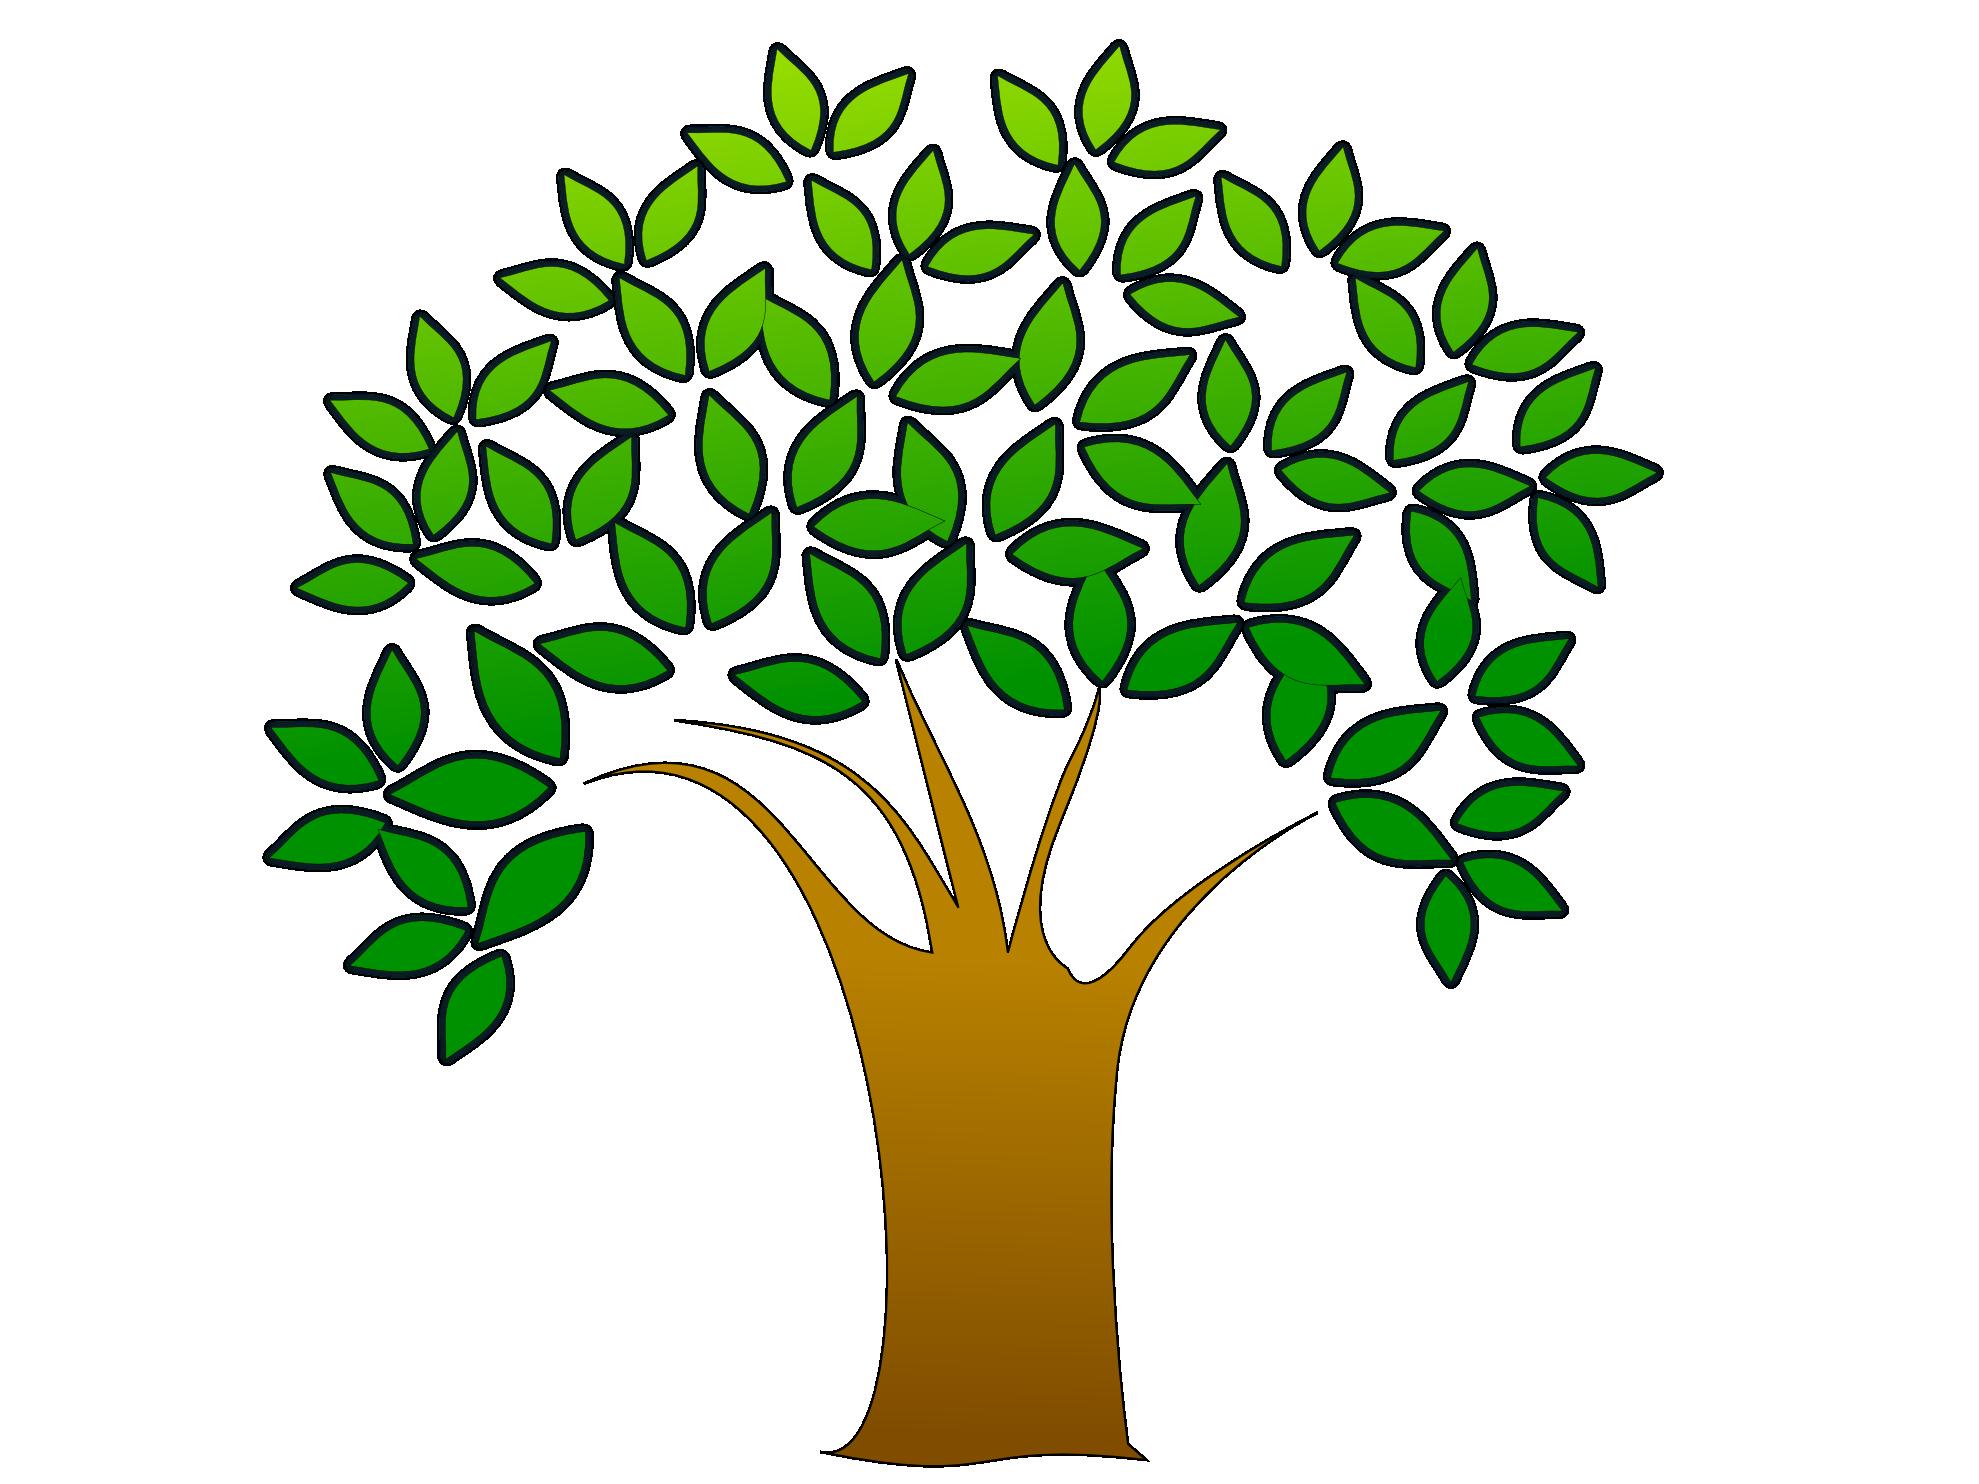 Clipart Tree-clipart tree-8